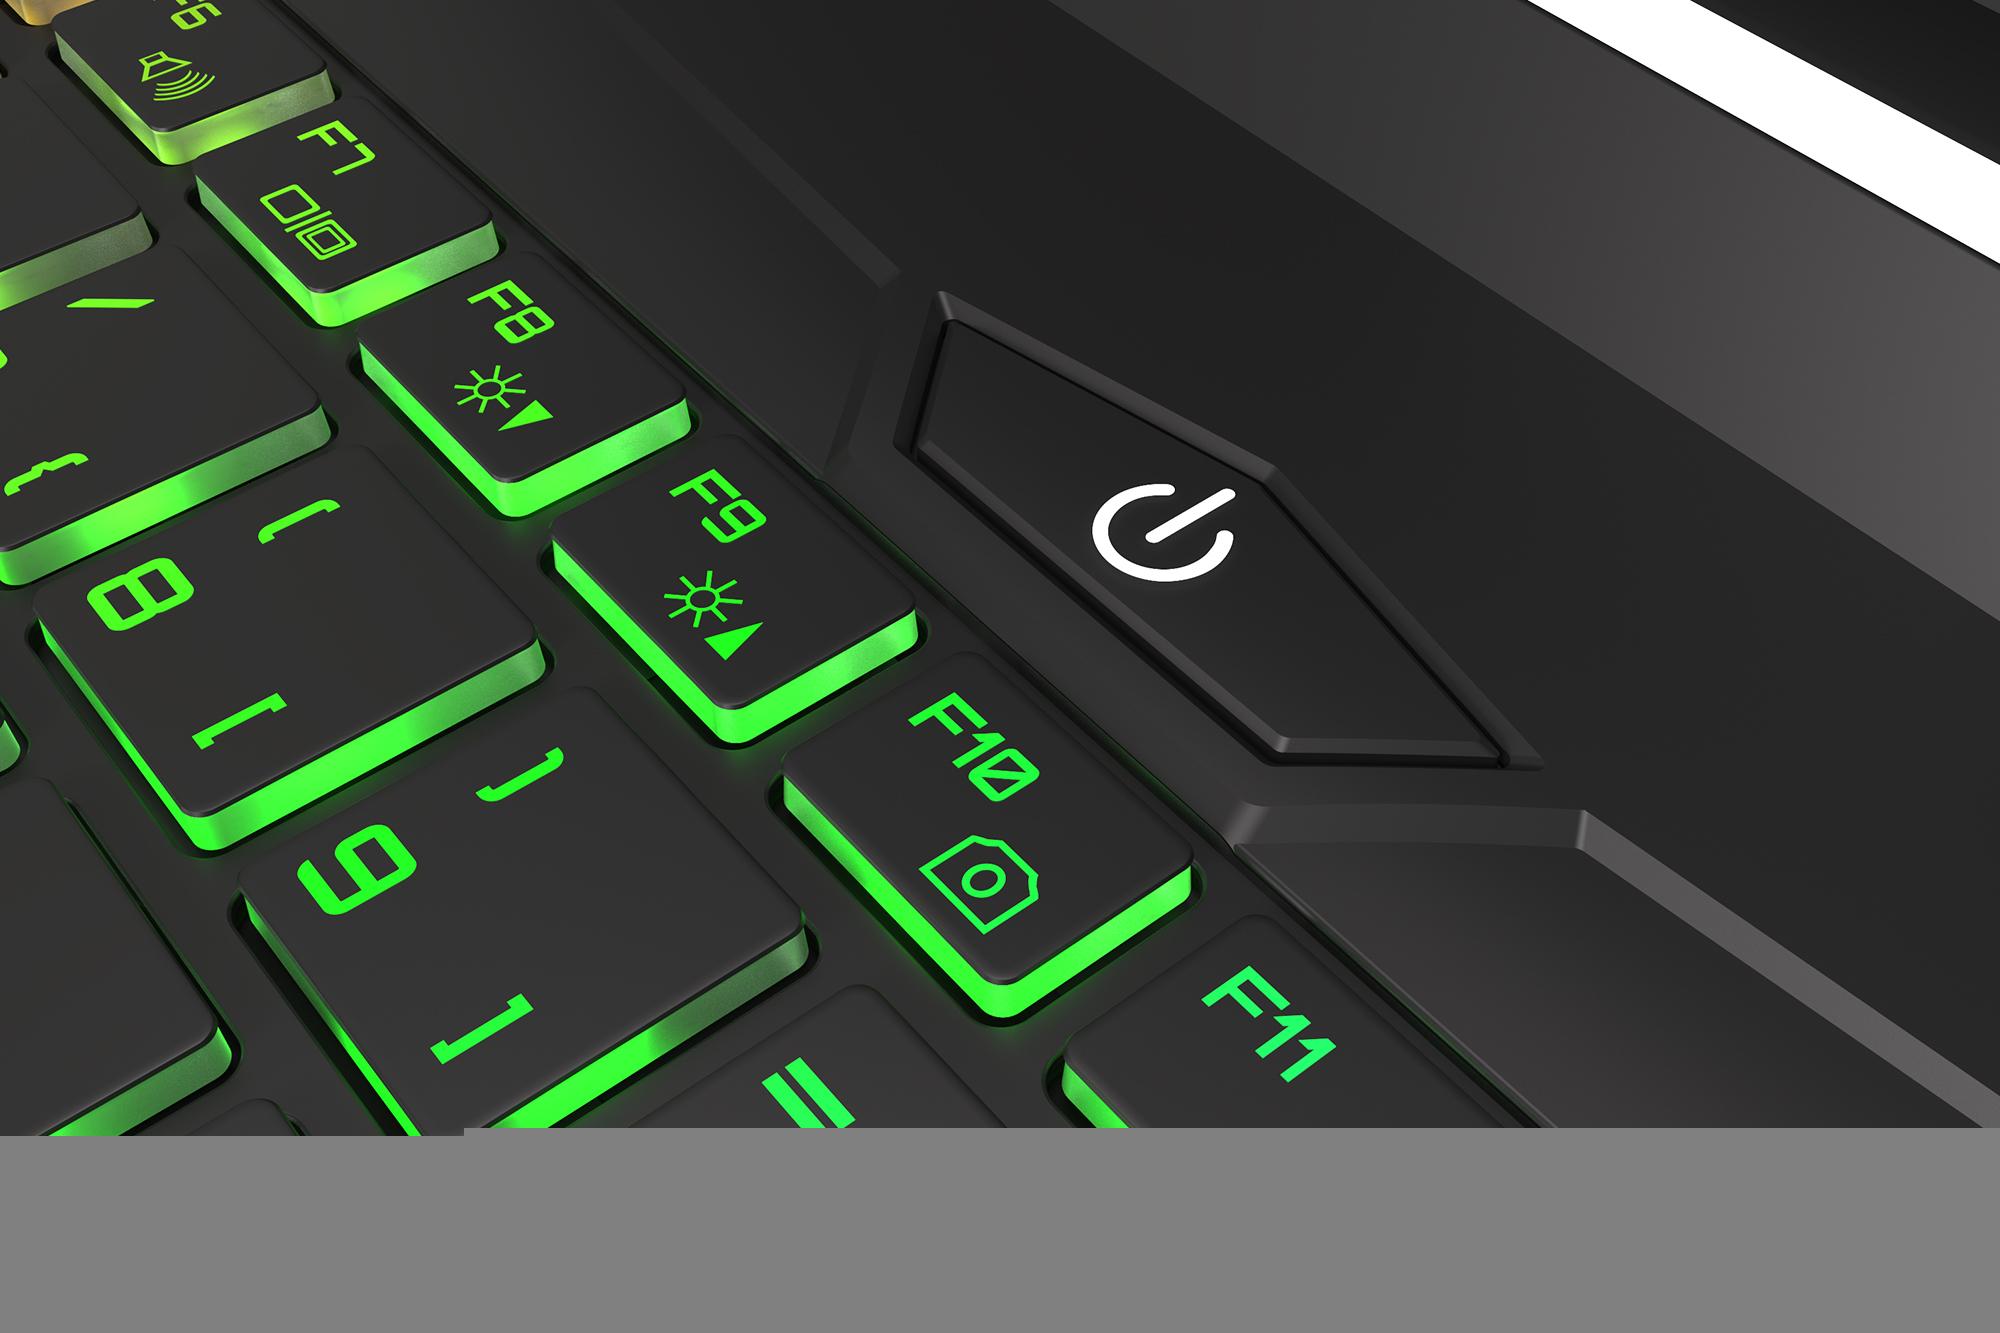 Abra A5 V12.1.5 15.6